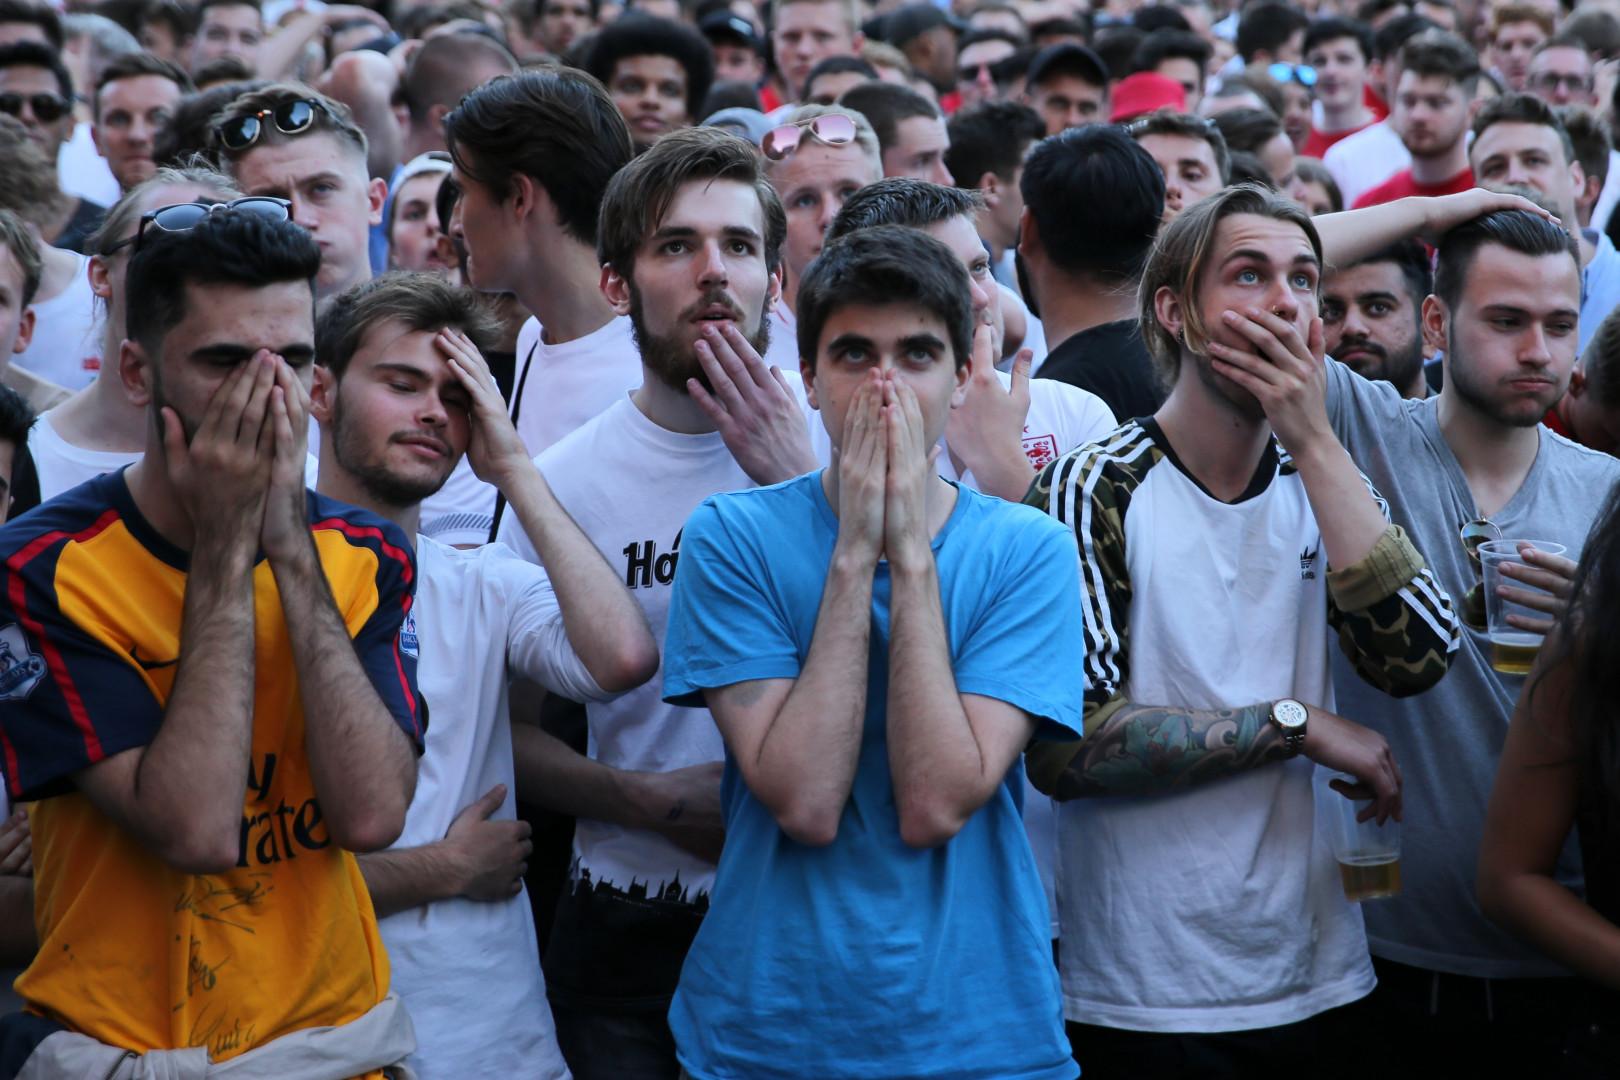 La déception était encore plus visible pour les supporters de l'Angleterre, le 28 juin, dans cette fan zone de Londres. L'équipe s'est inclinée face à la Belgique.